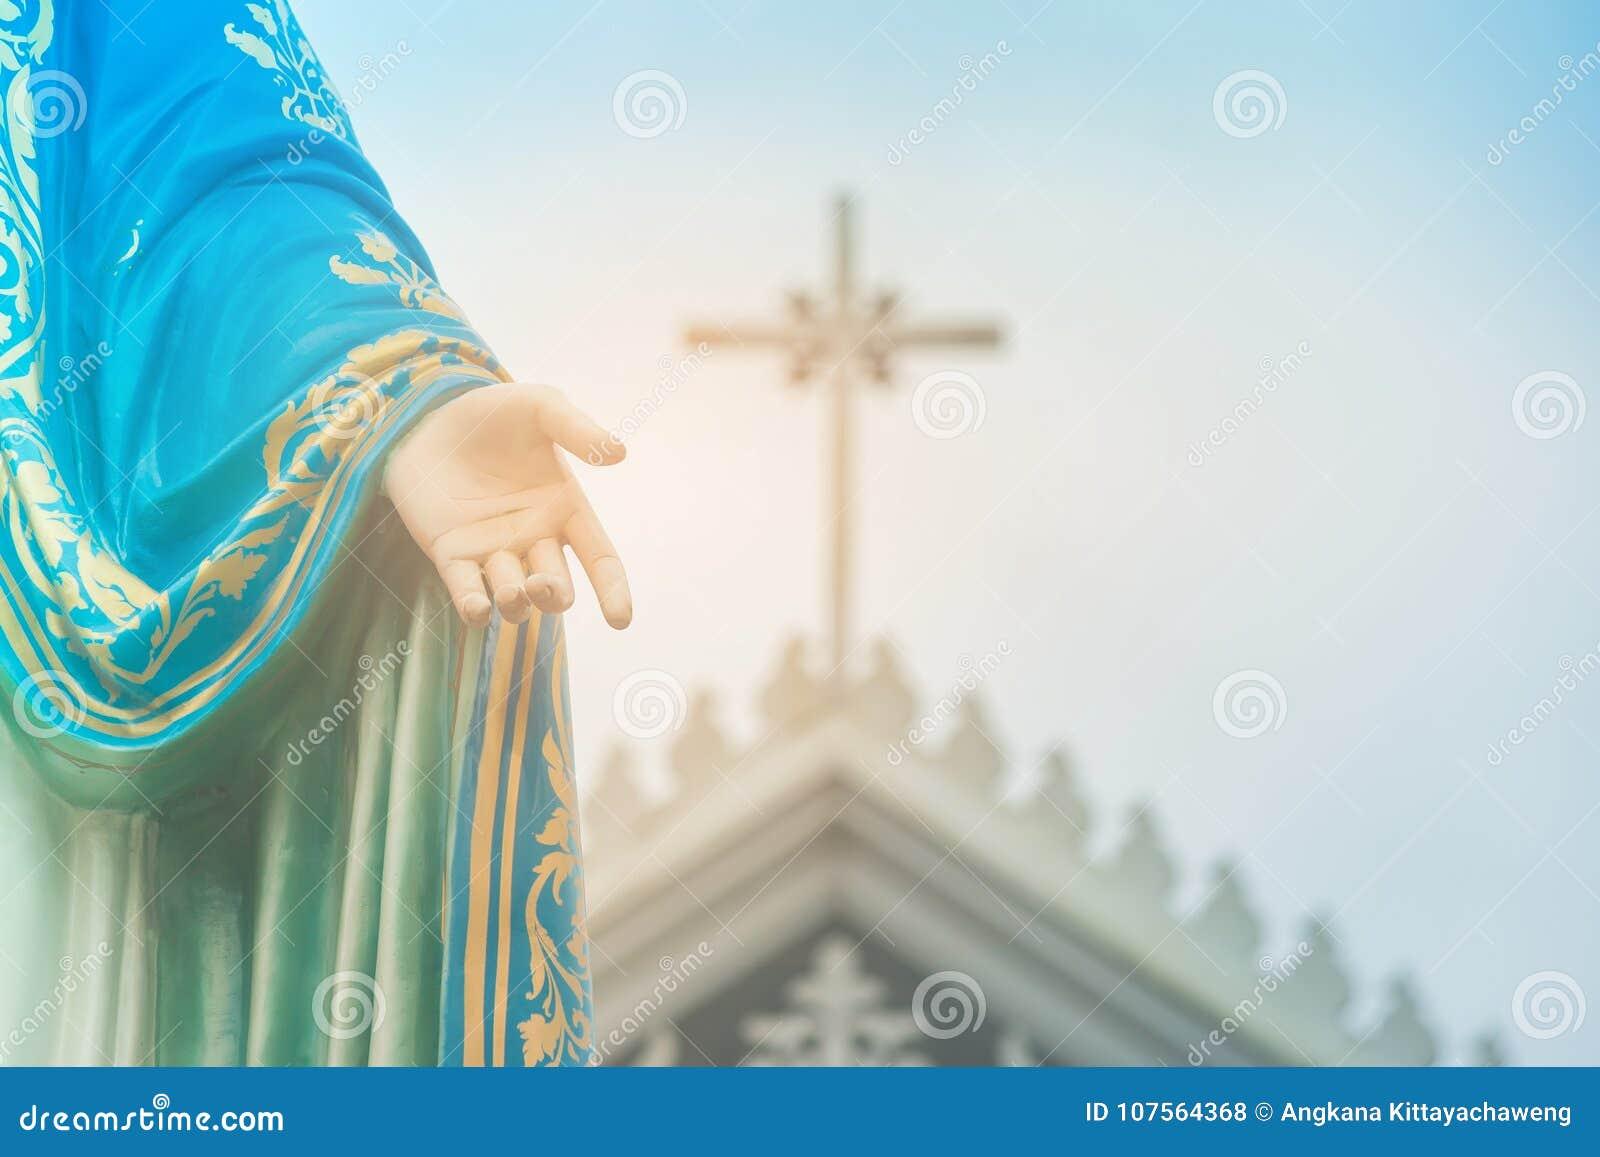 Ręka Błogosławiona maryja dziewica statuy pozycja przed Rzymskokatolicką diecezją z krucyfiksem lub krzyżem